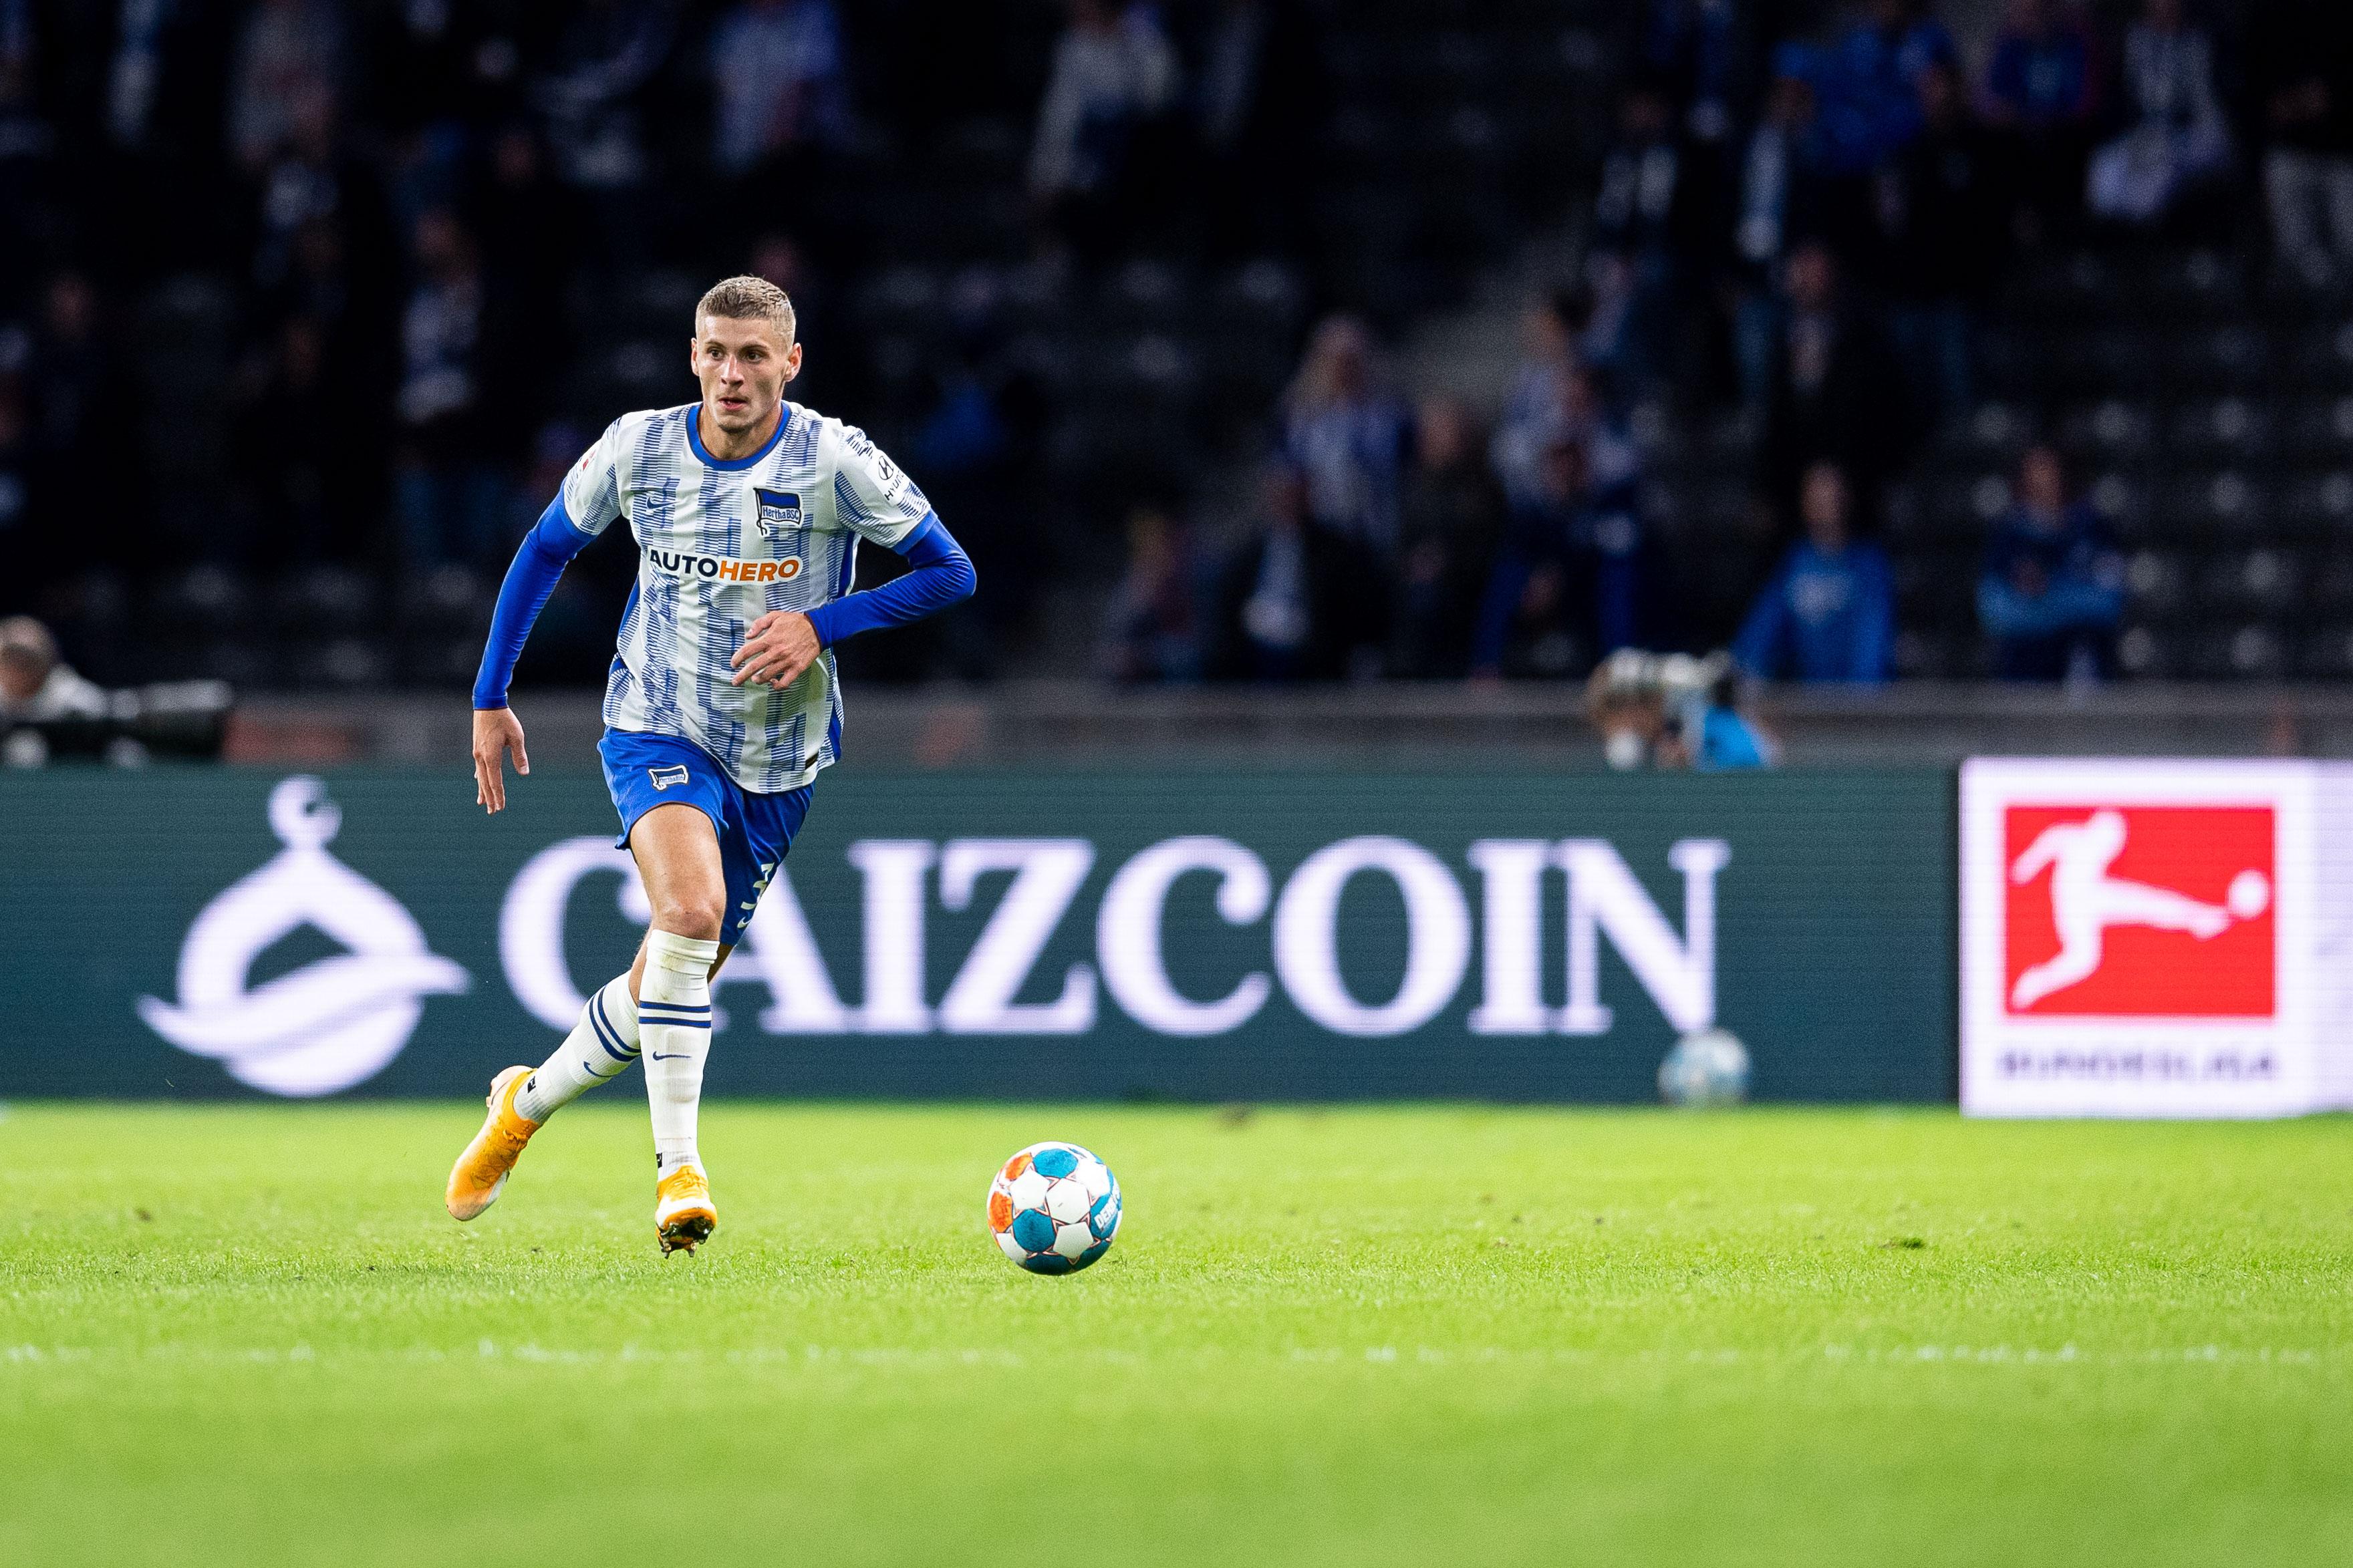 Márton Dárdai führt den Ball, im Hintergrund sieht man eine Caizcoin-Bandenwerbung.